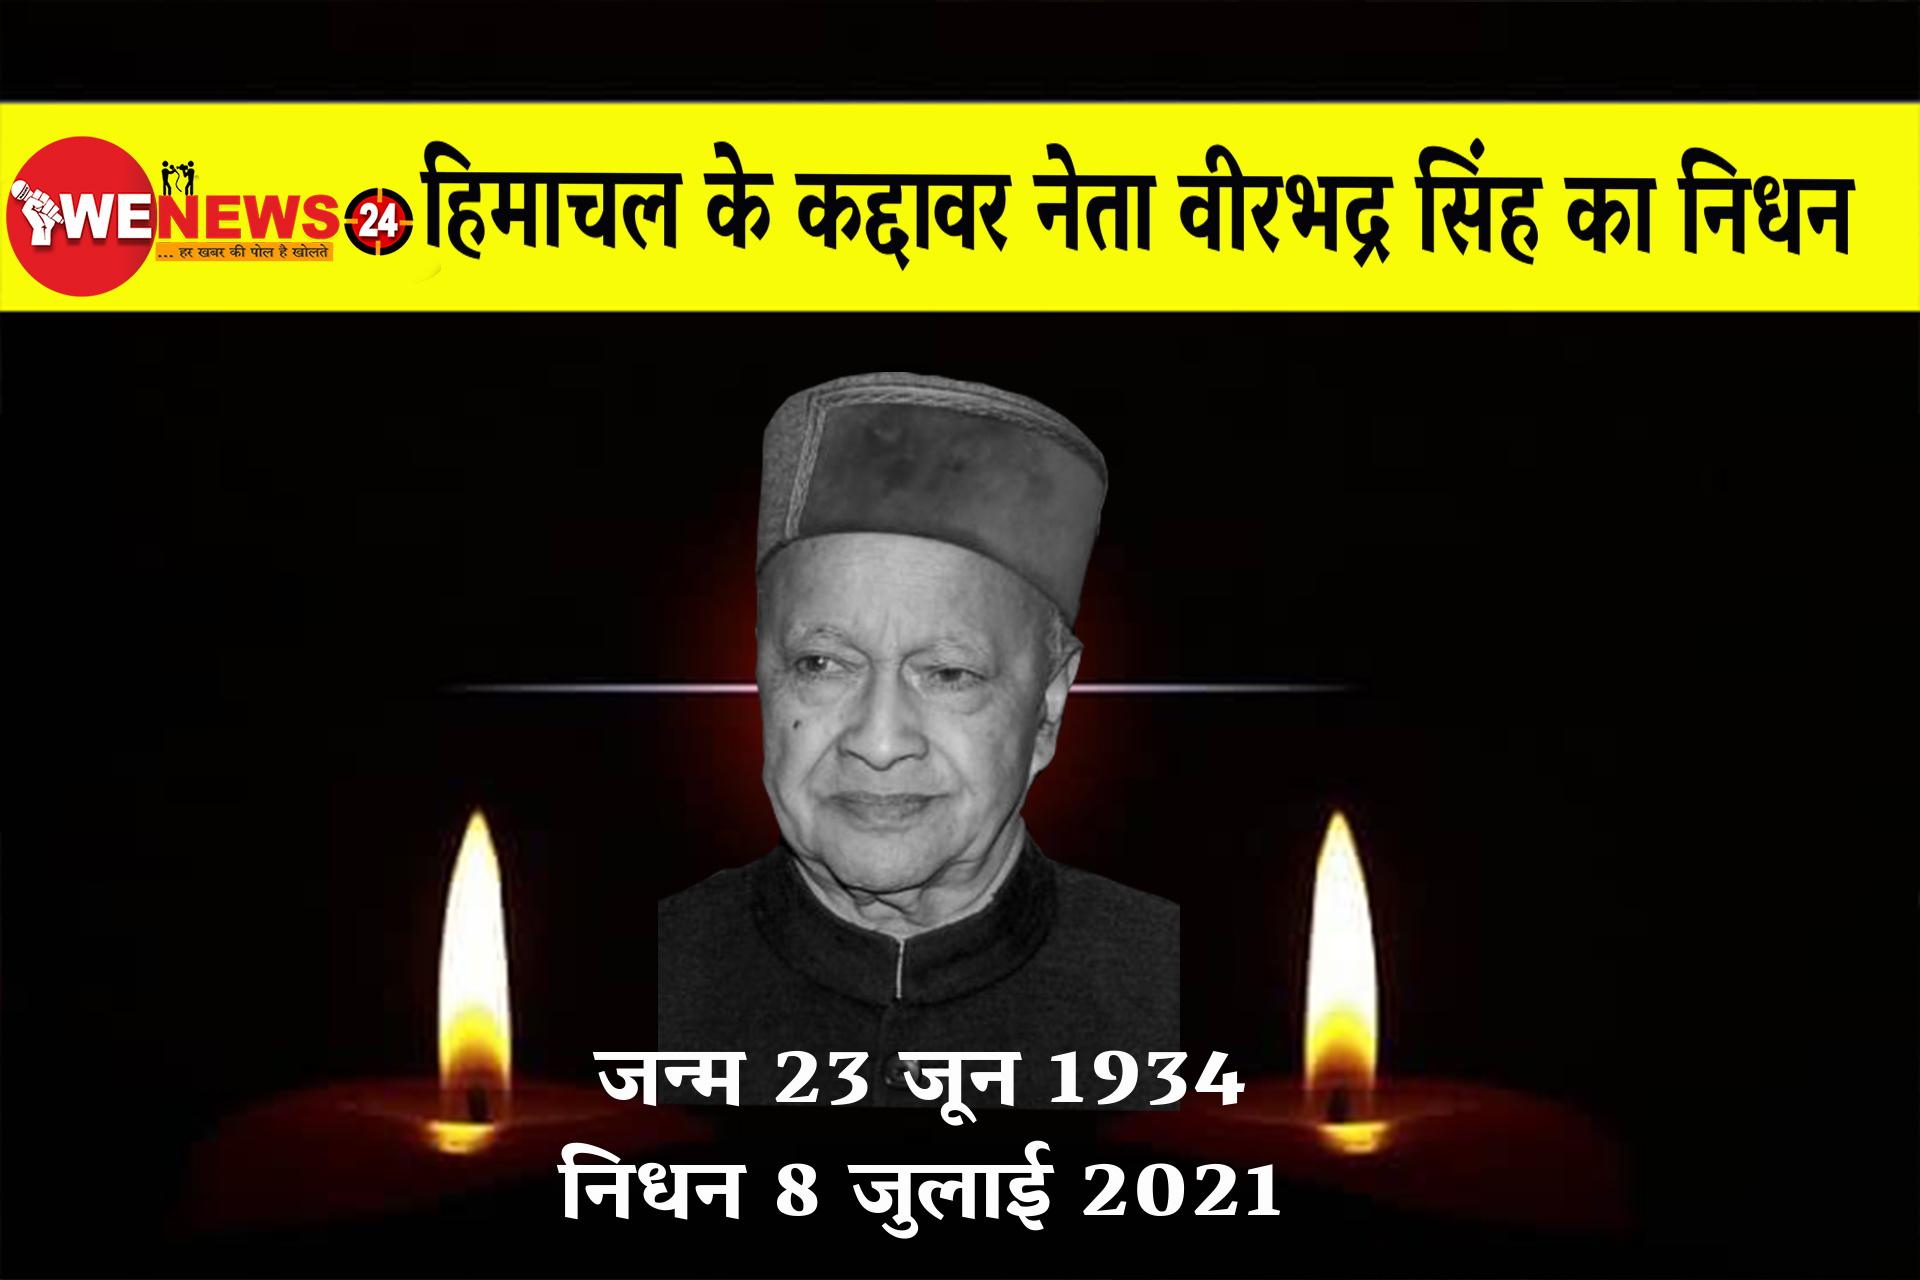 हिमाचल के कद्दावर नेता वीरभद्र सिंह का निधन,शनिवार को होगा अंतिम संस्कार